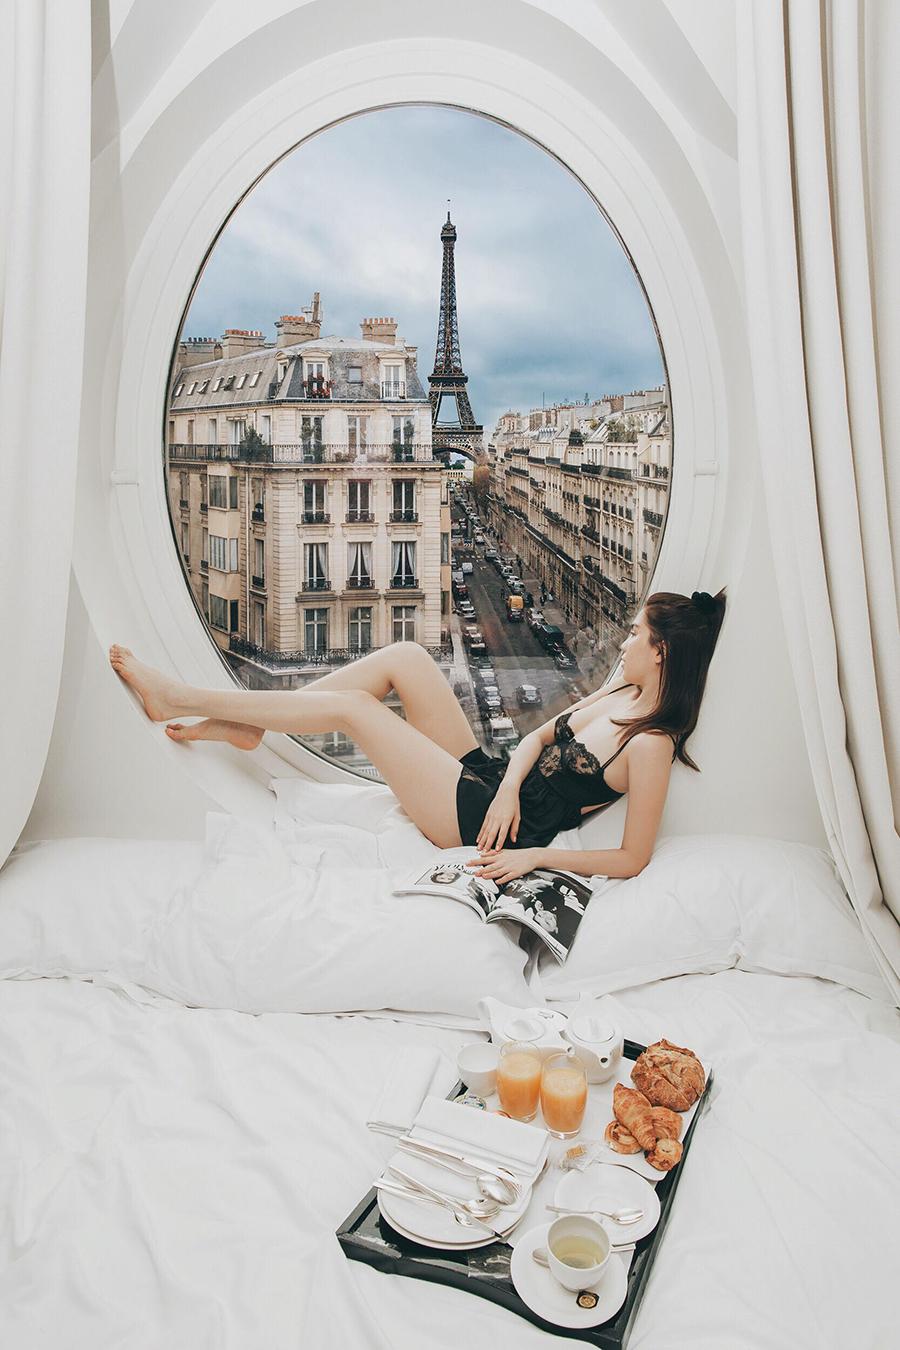 Ngọc Trinh nóng bỏng đón bình minh từ khách sạn sang chảnh bậc nhất nước Pháp 0